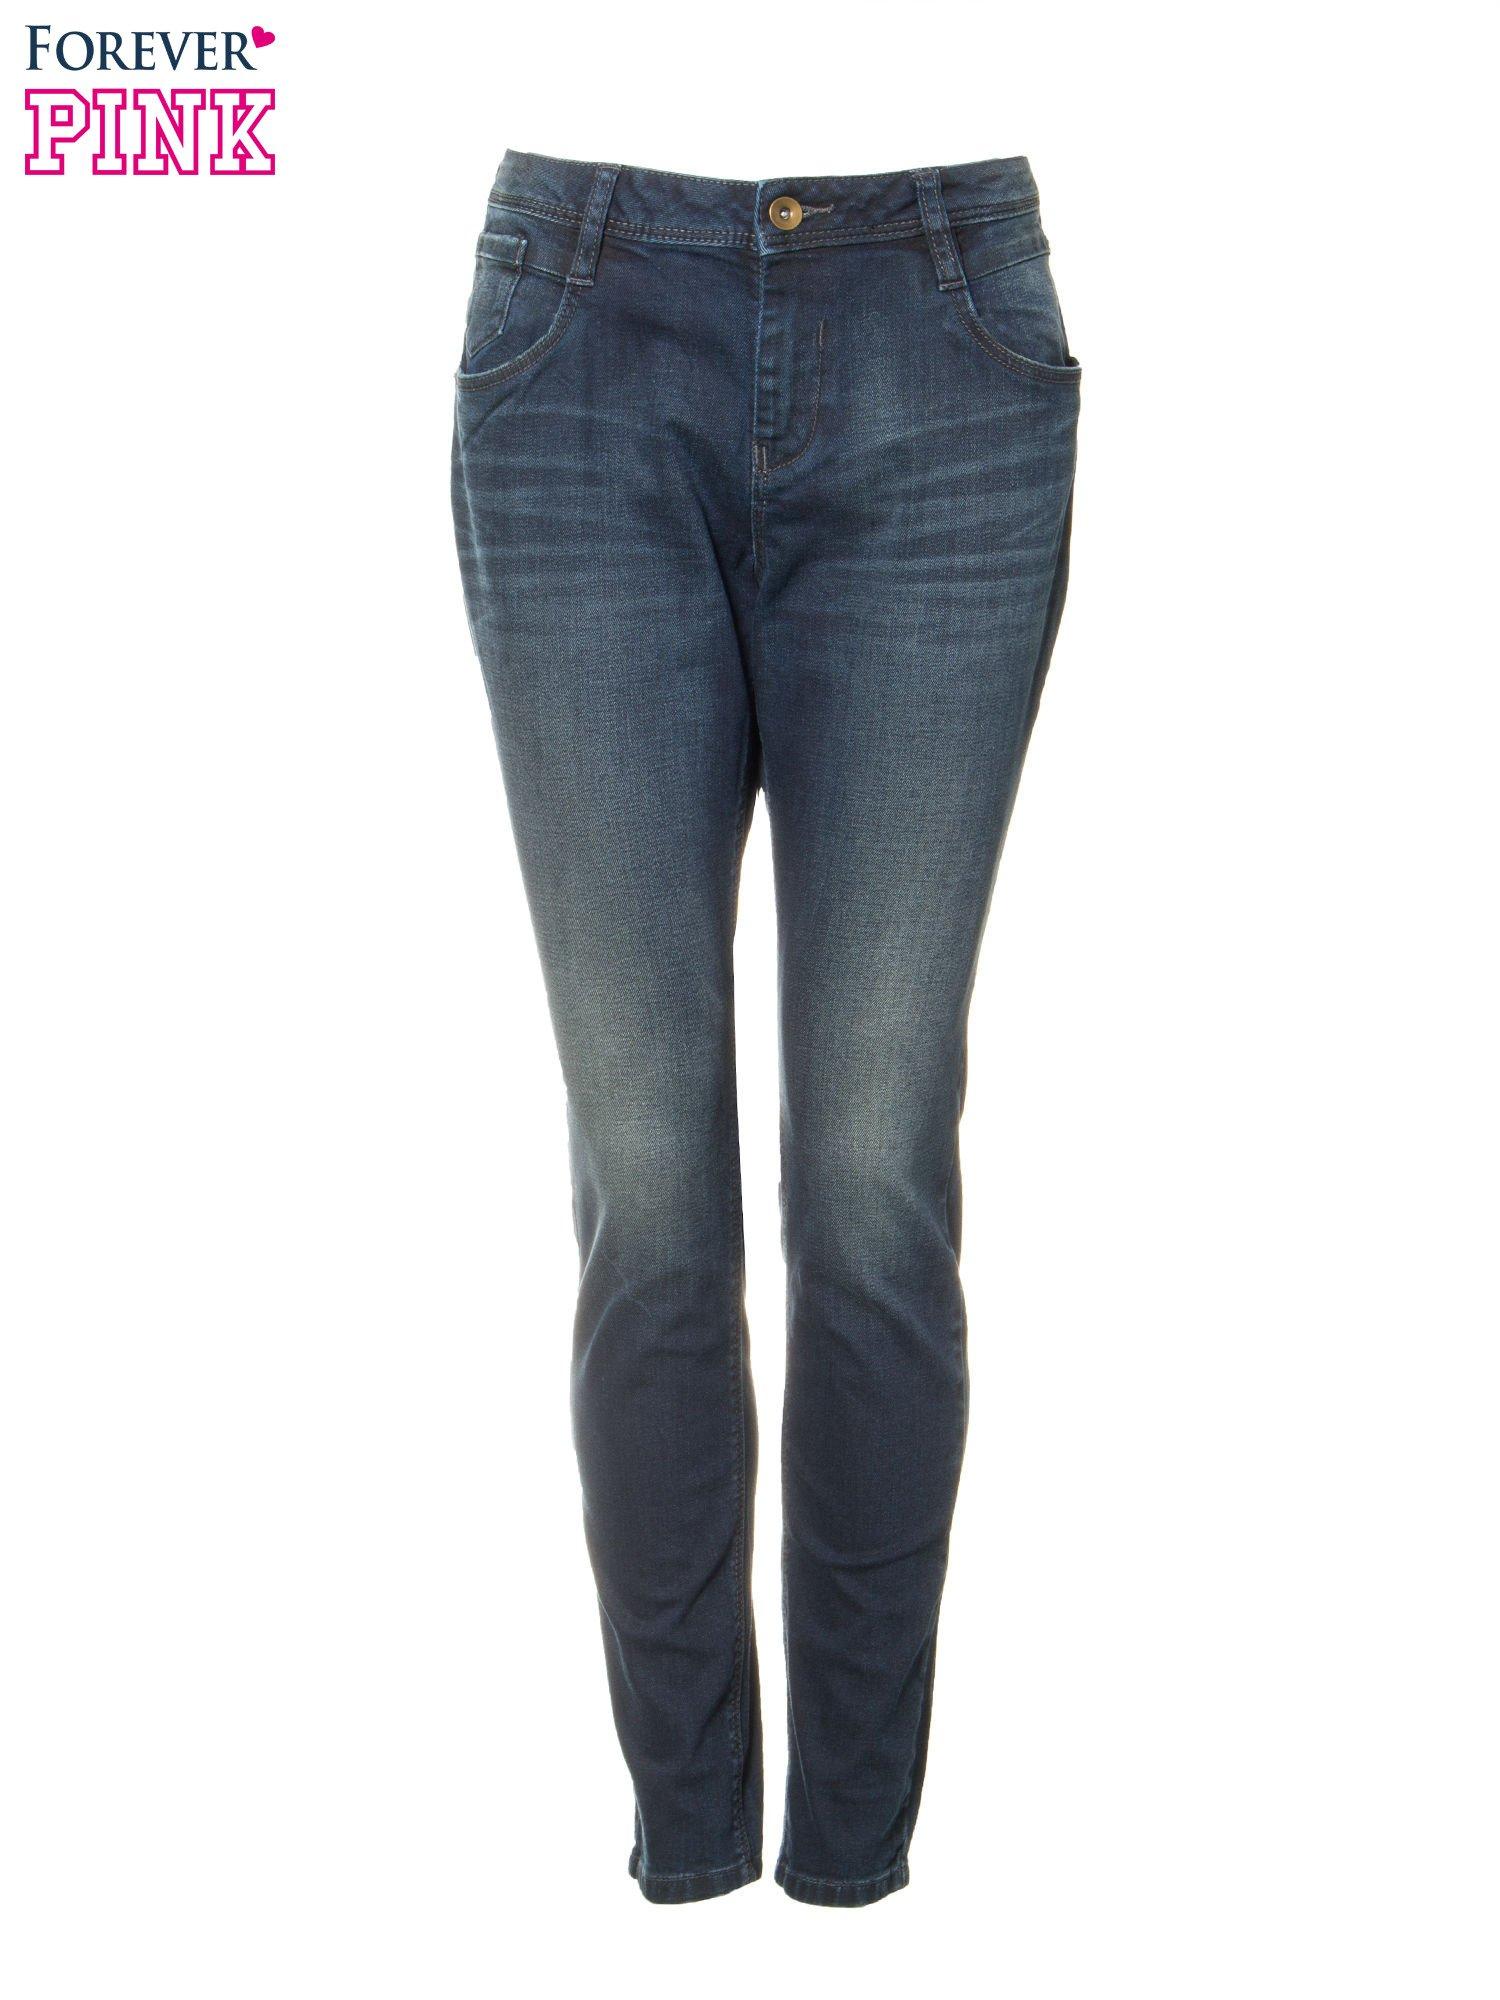 Ciemnoniebieskie spodnie jeansowe rurki z trójkątnymi kieszeniami tylnymi                                  zdj.                                  5